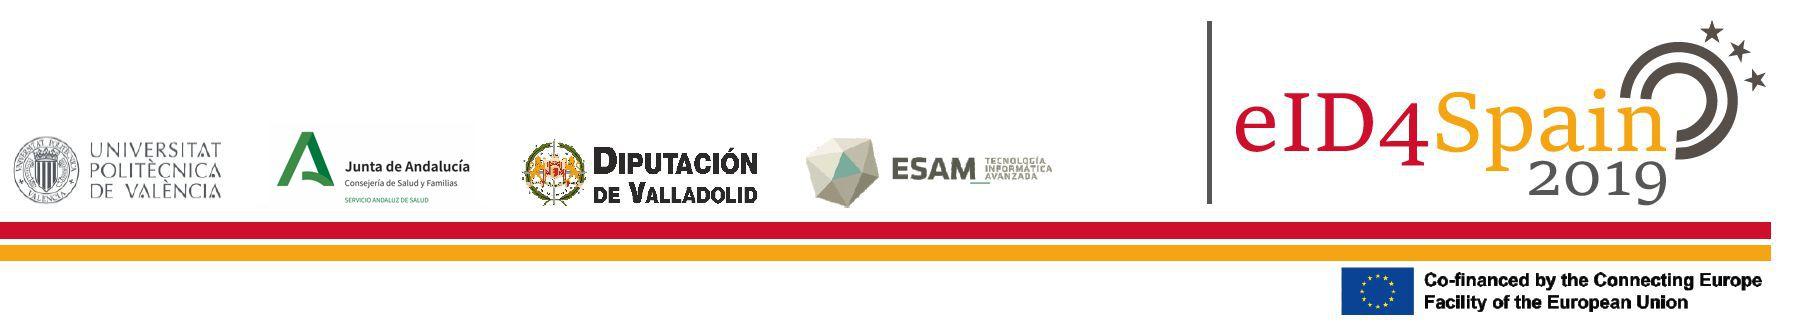 eid4spain19 project